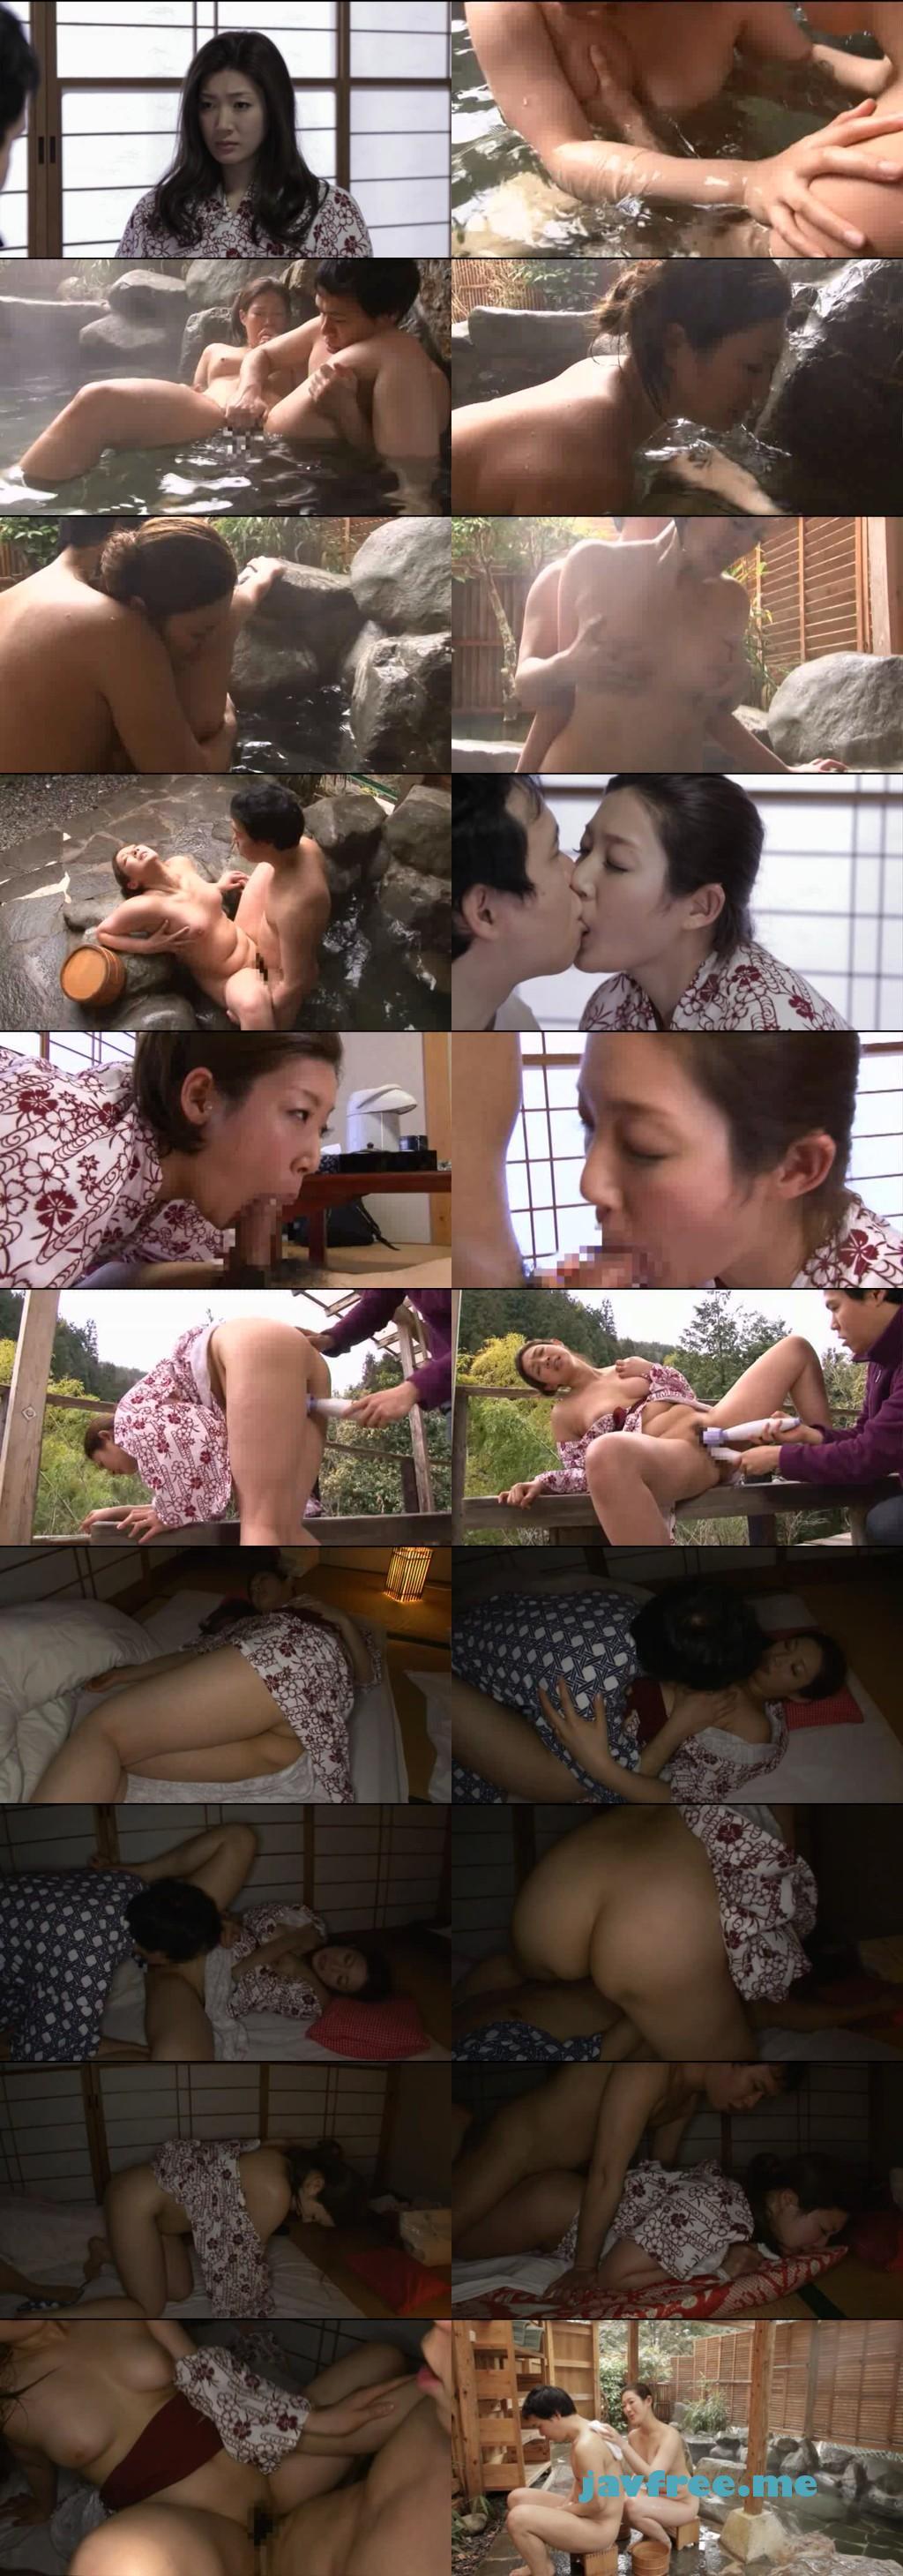 [MADA 026] 混浴温泉義母相姦 細川まり 細川まり MADA